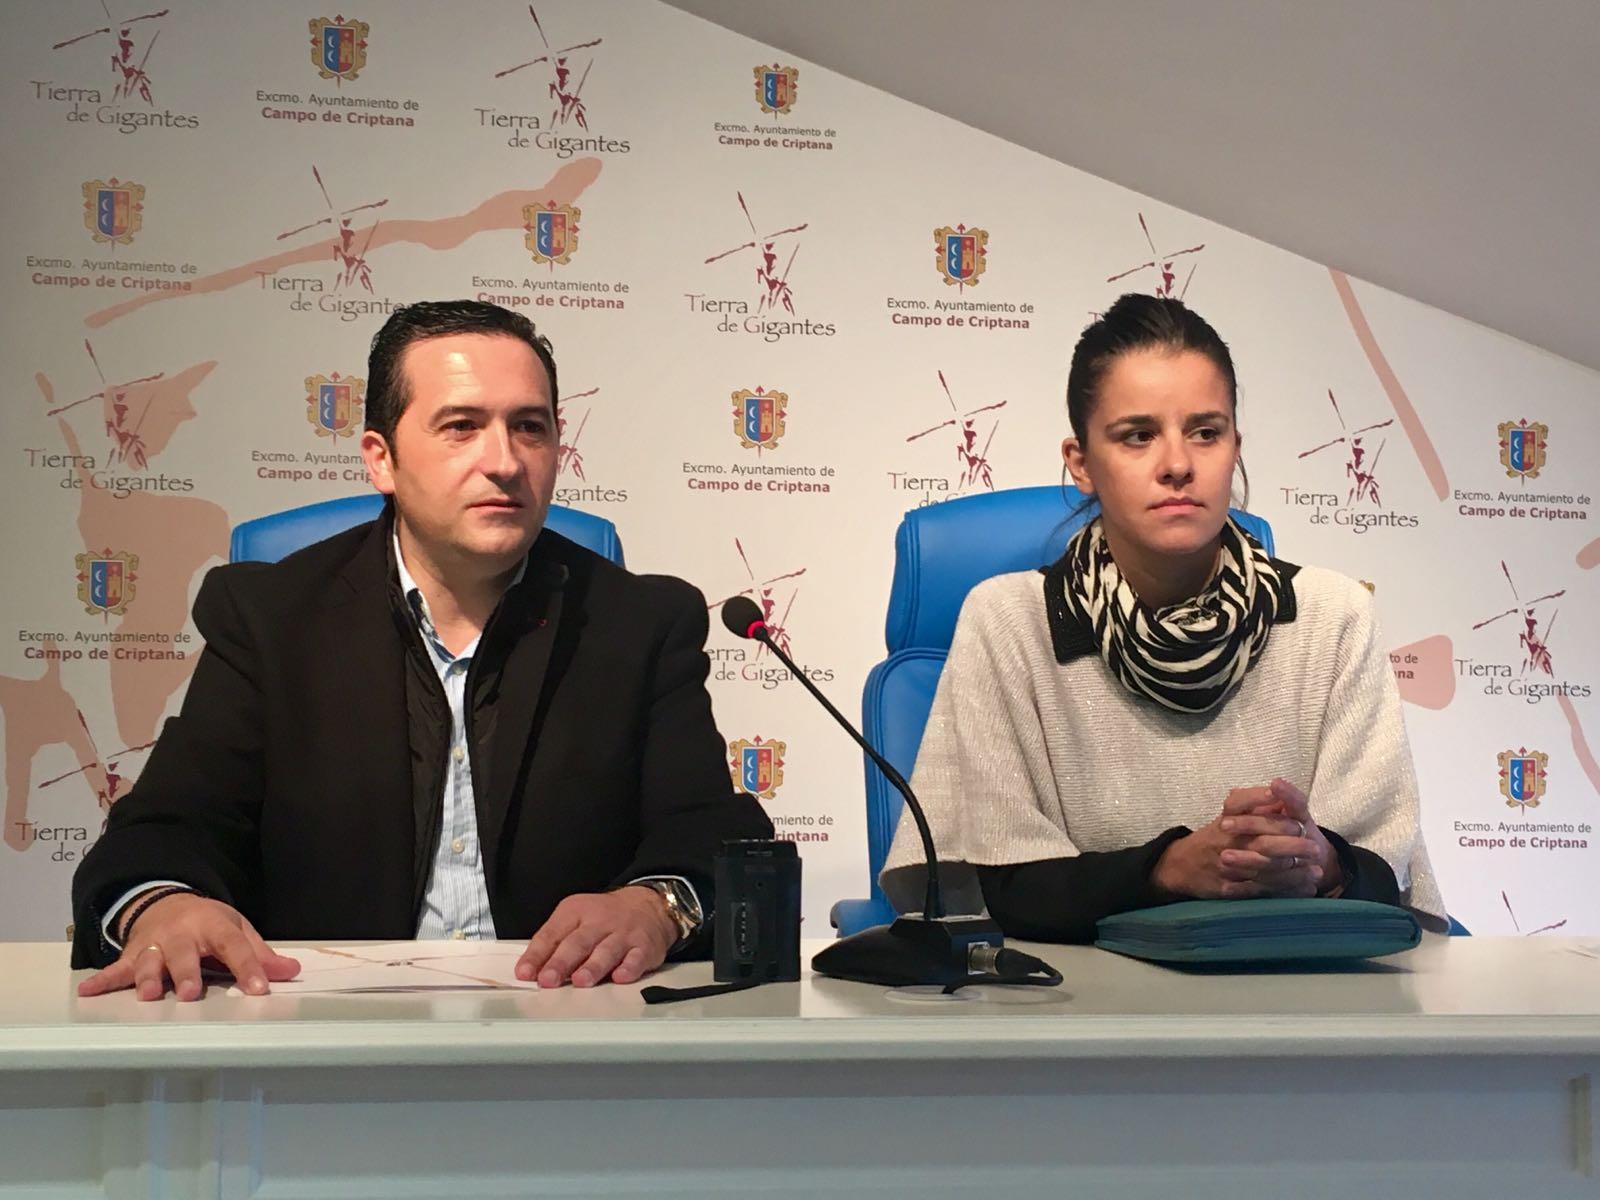 Lucas-Torres y Medina presentan la nueva campaña de promoción para el comercio de Campo de Criptana